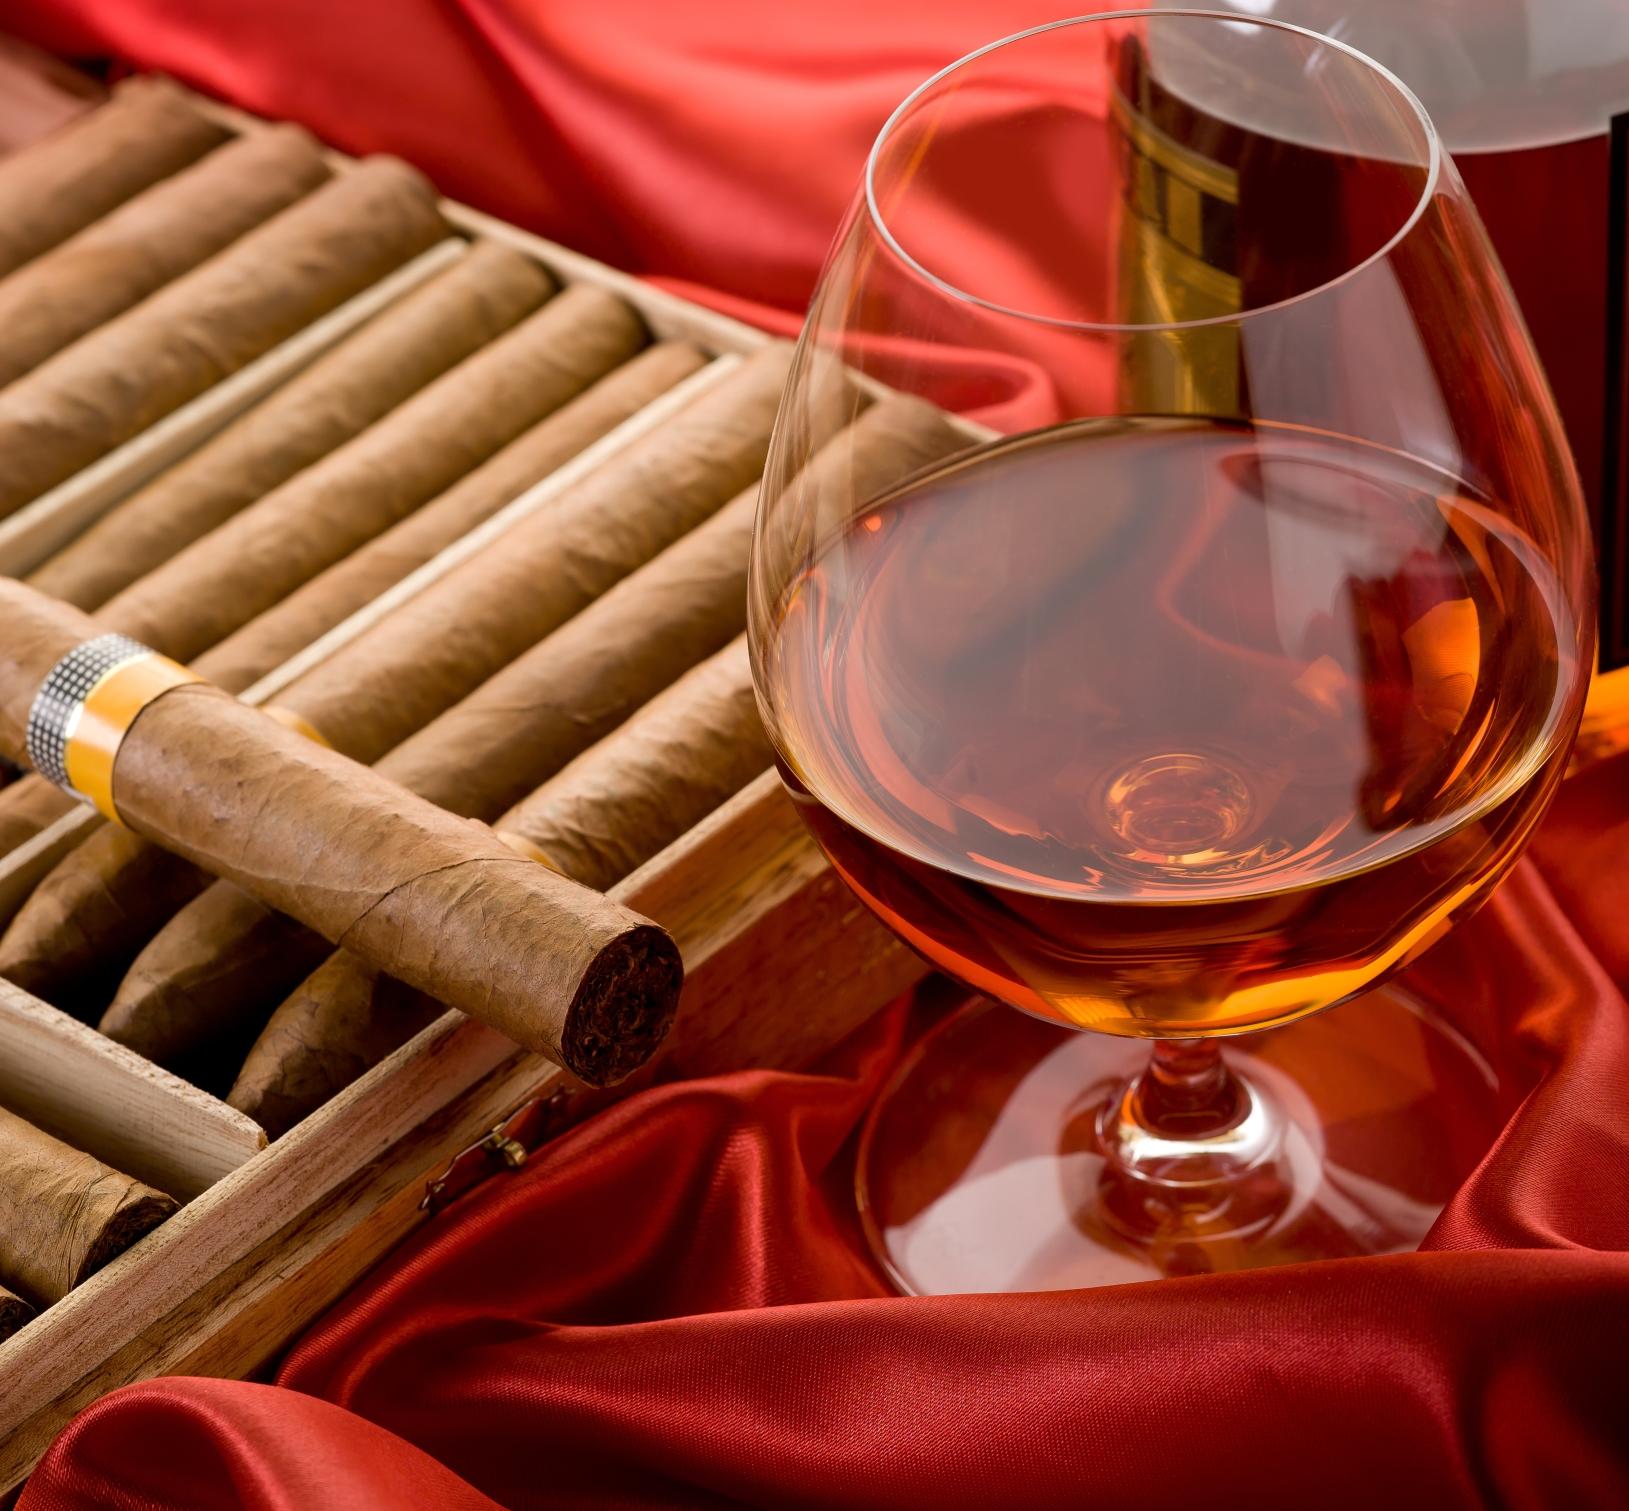 丘吉尔红酒雪茄吧